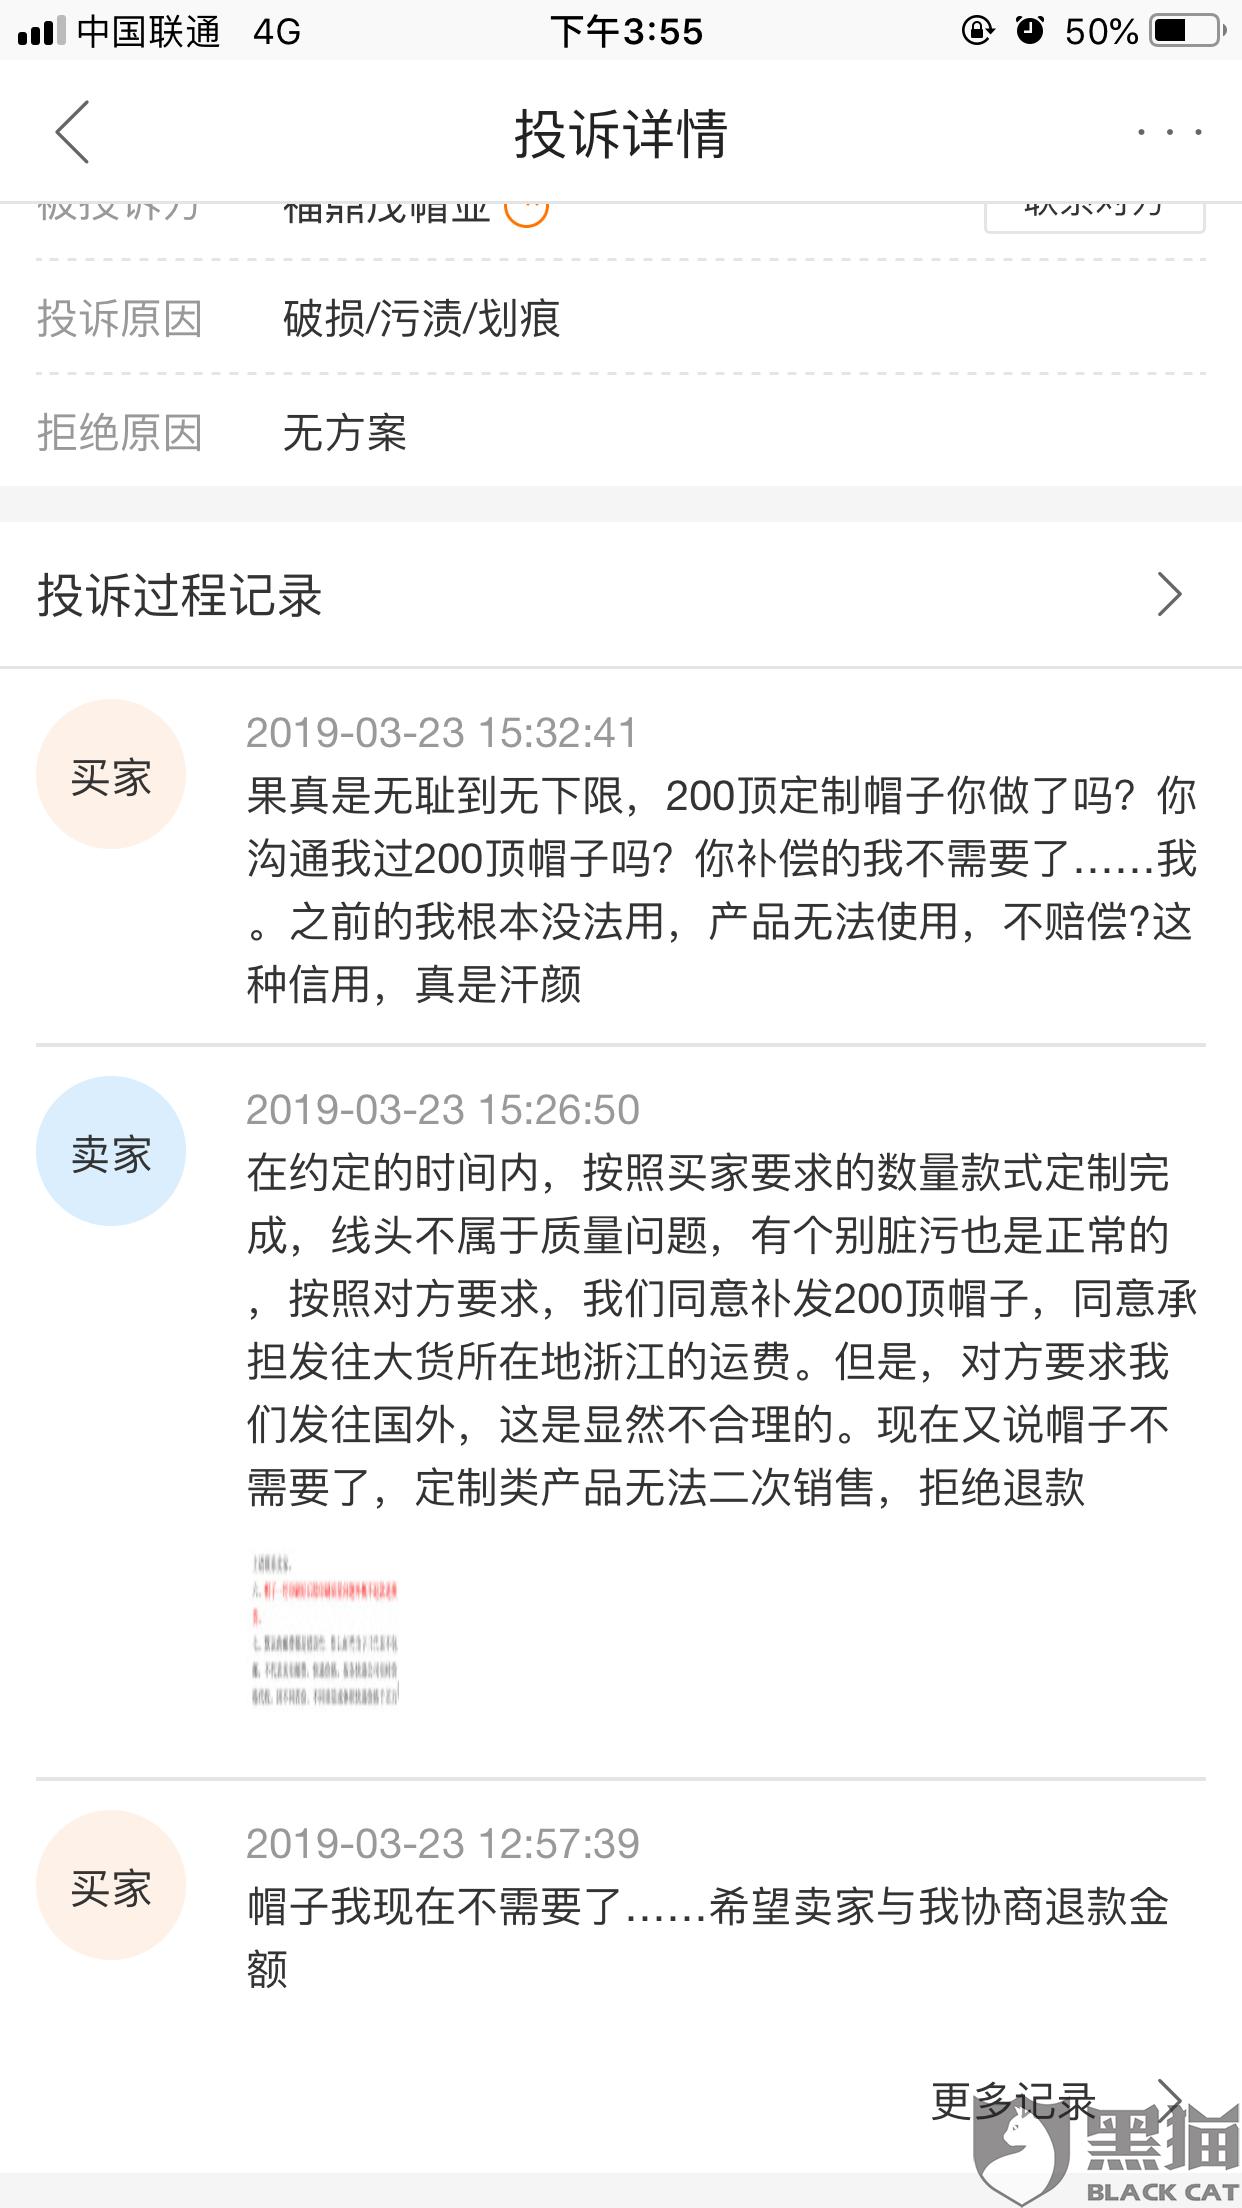 http://www.110tao.com/kuajingdianshang/18936.html